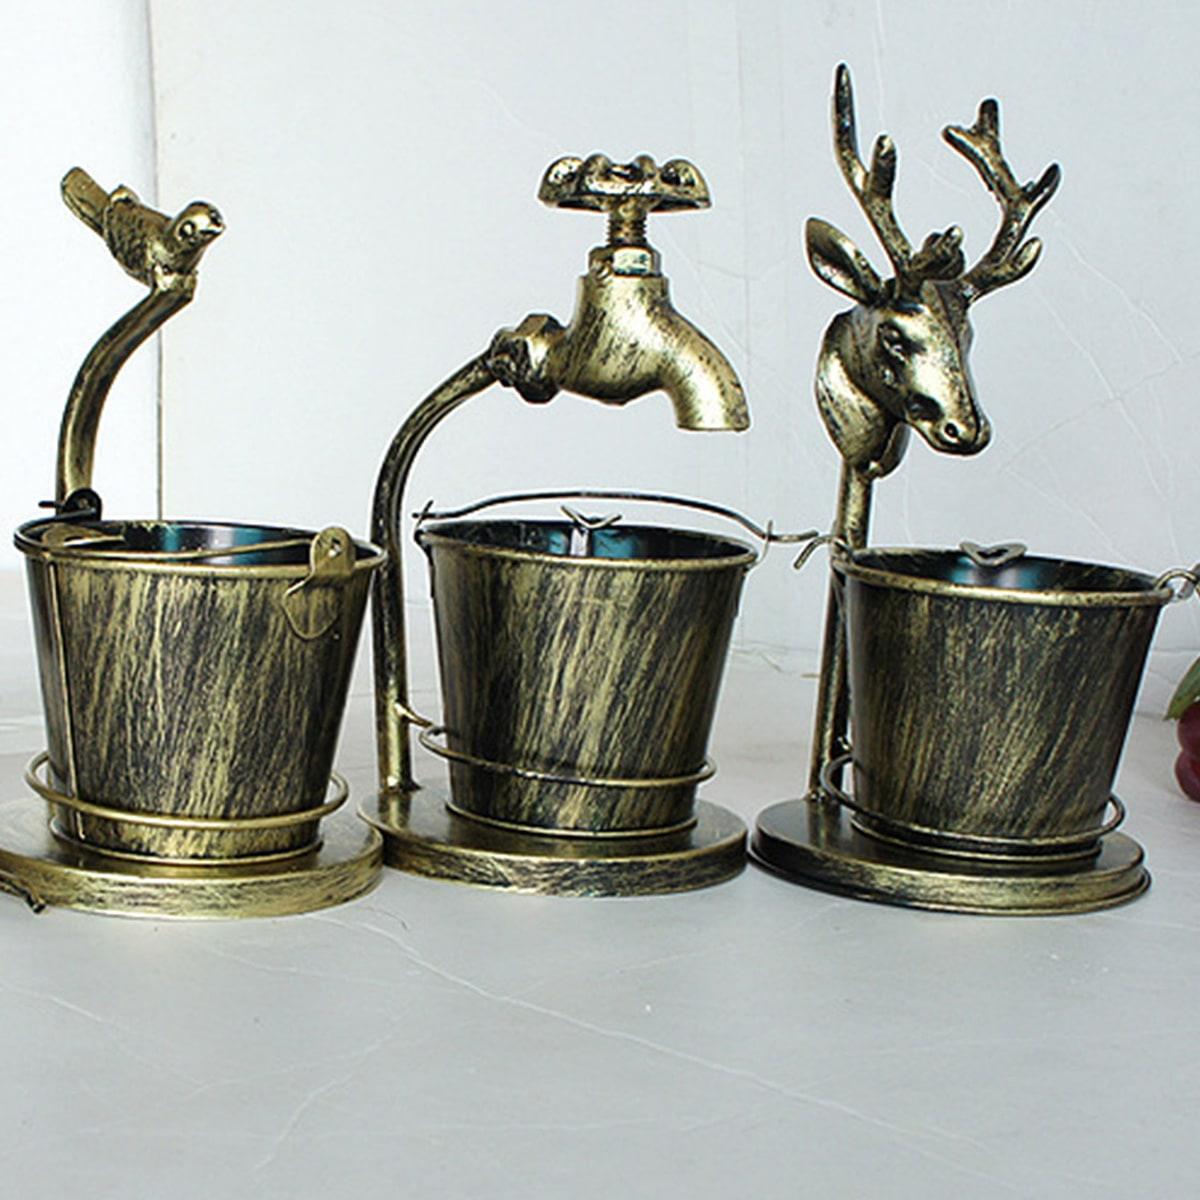 1pc Retro emmer & kraan decoratief object